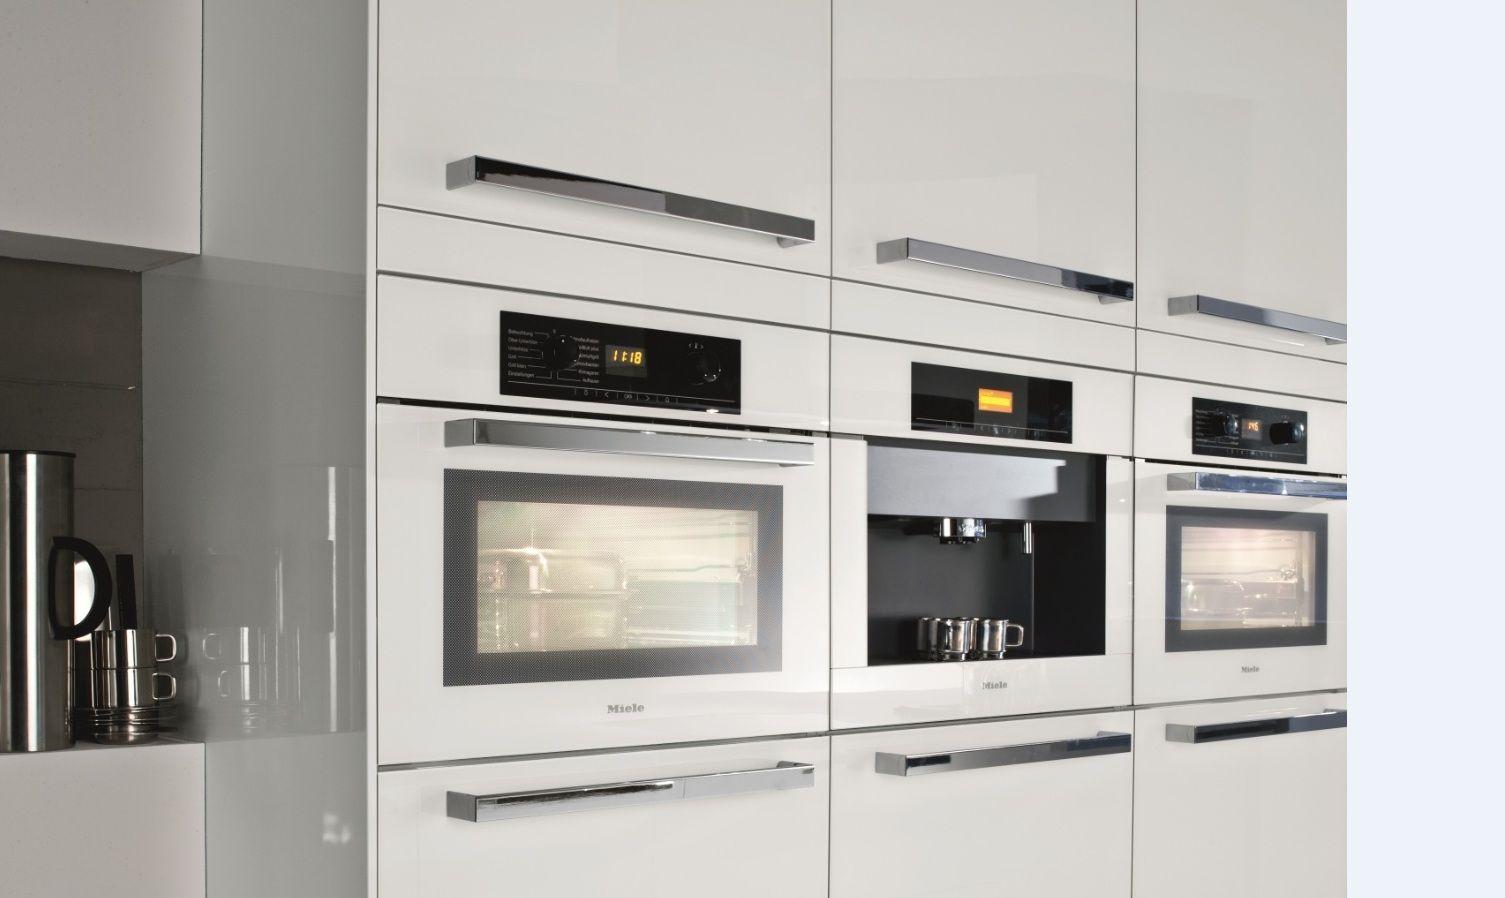 Modern kitchen. Krieders Kitchen Designs - Miele appliances ...